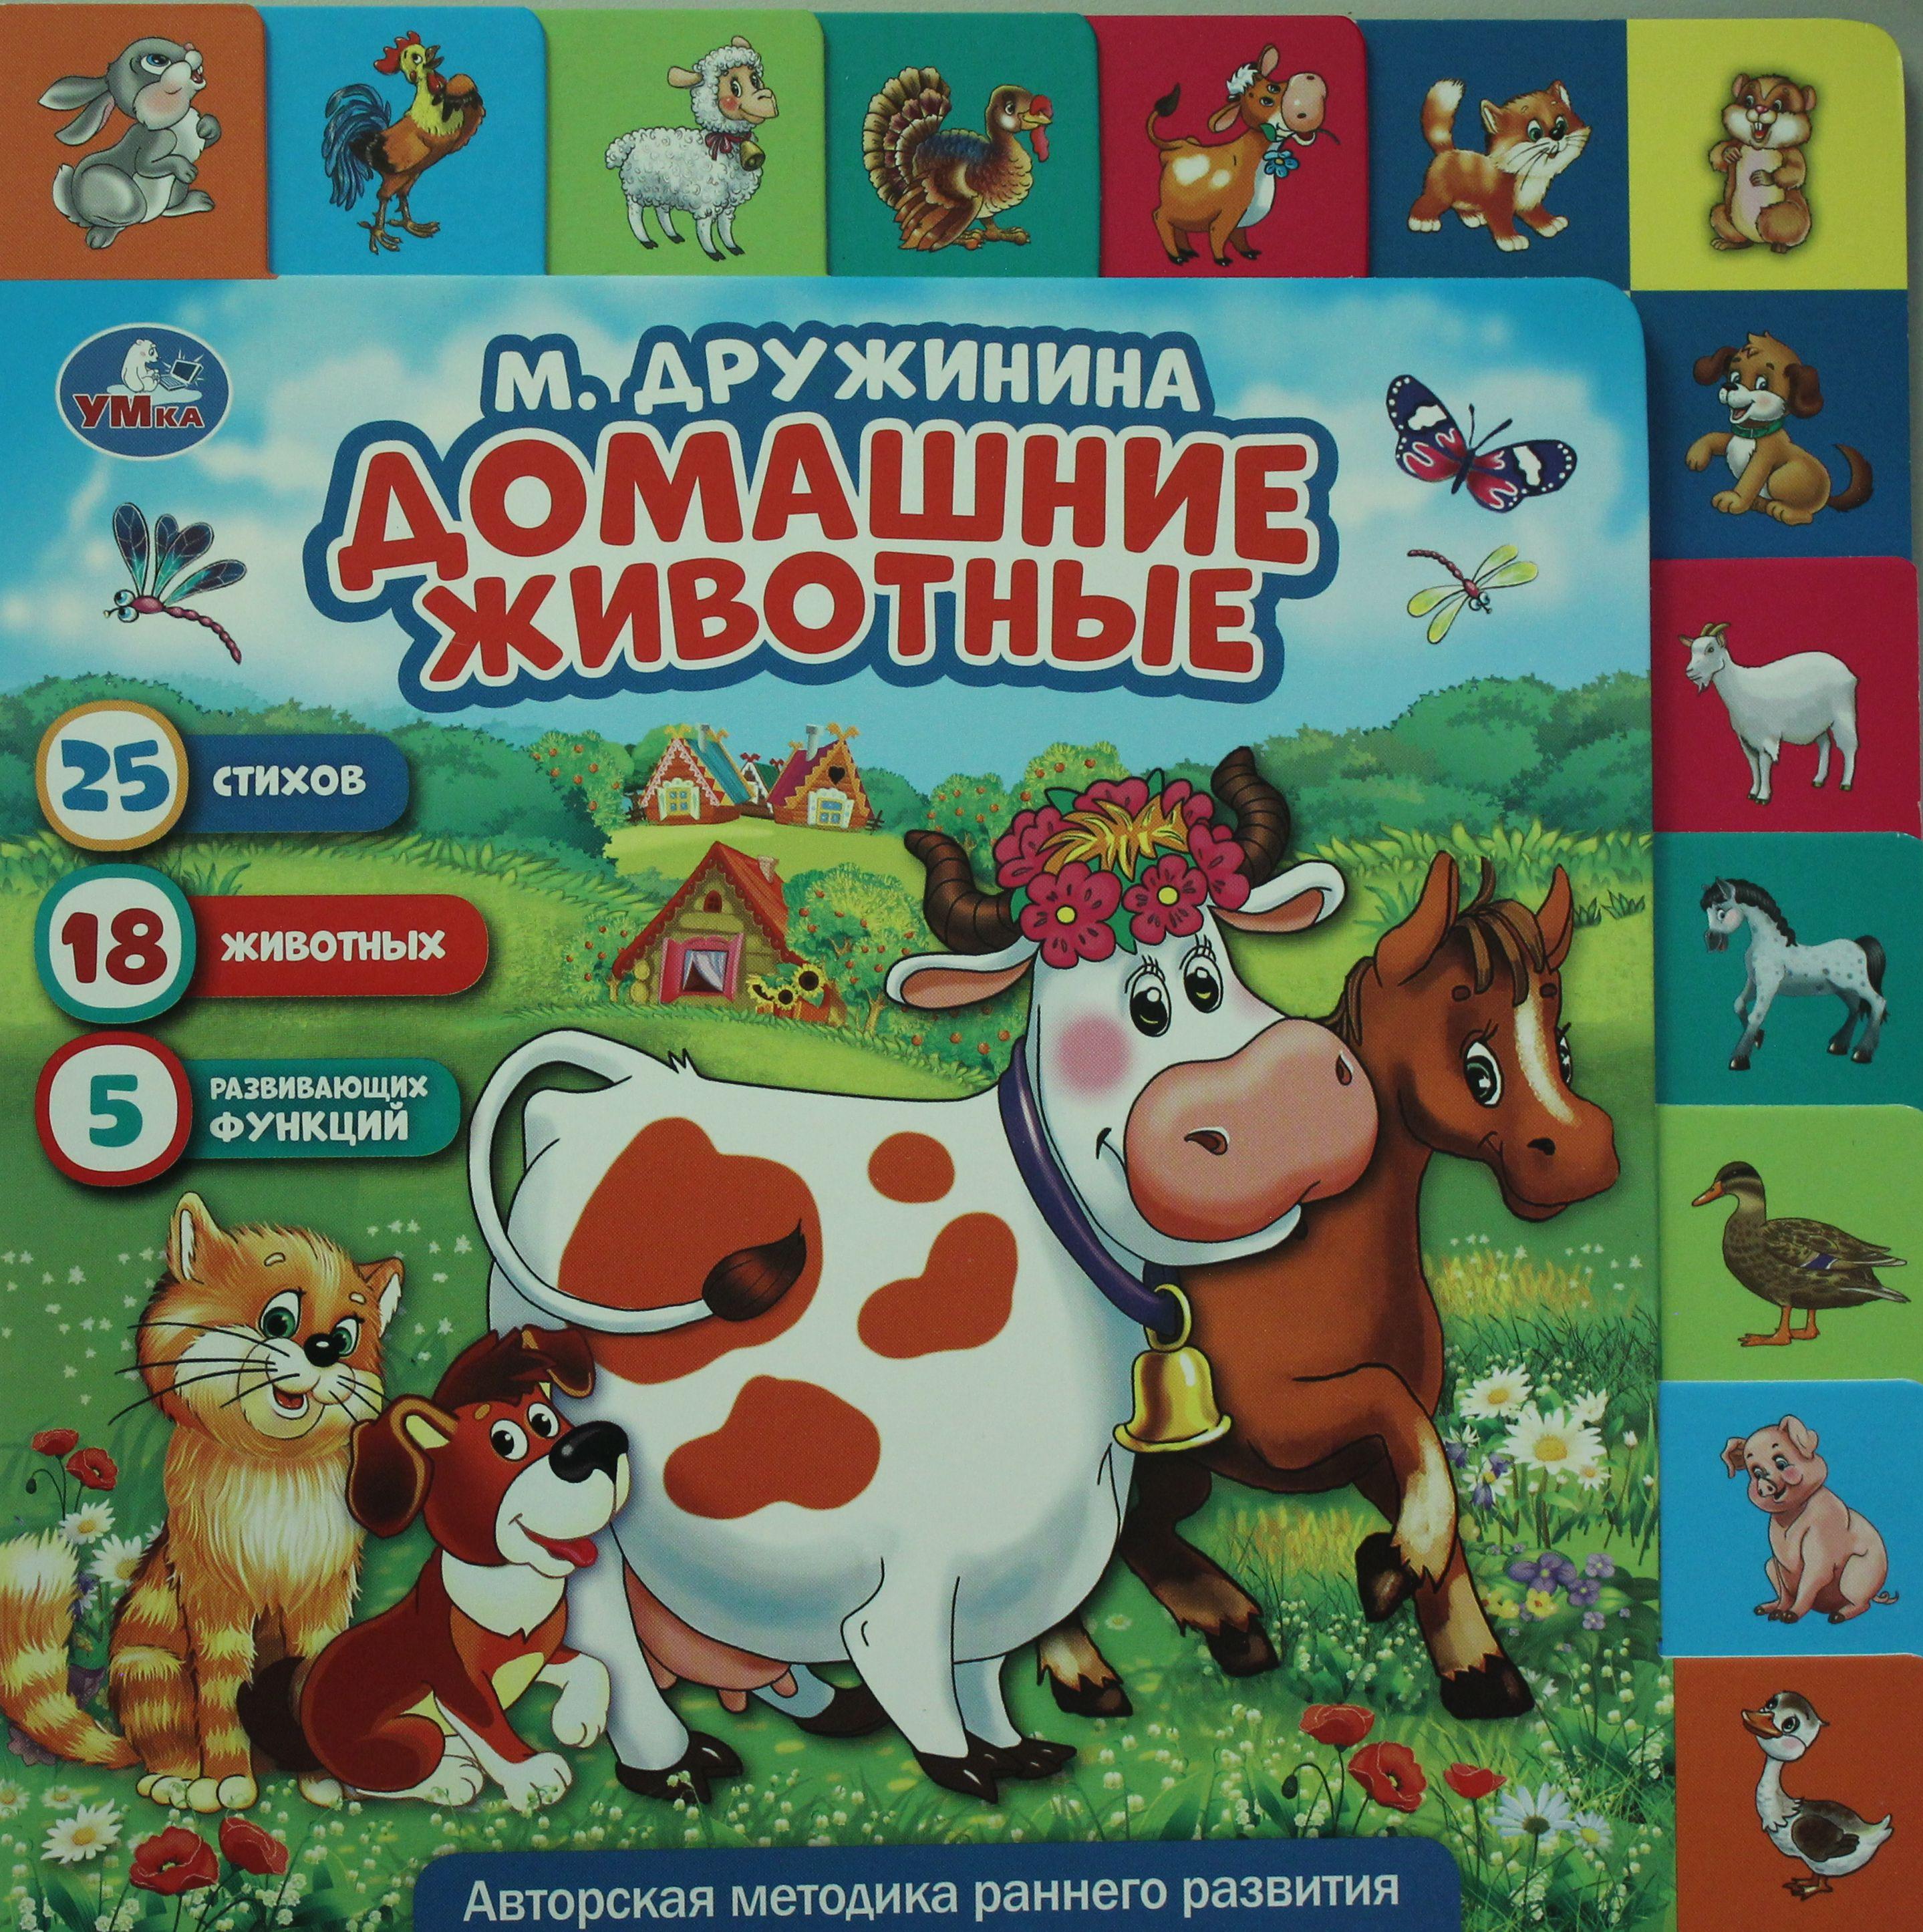 """""""Umka"""". Domashnie zhivotnye. M.Druzhinina. Kartonnaja kniga, 14 zakladok"""